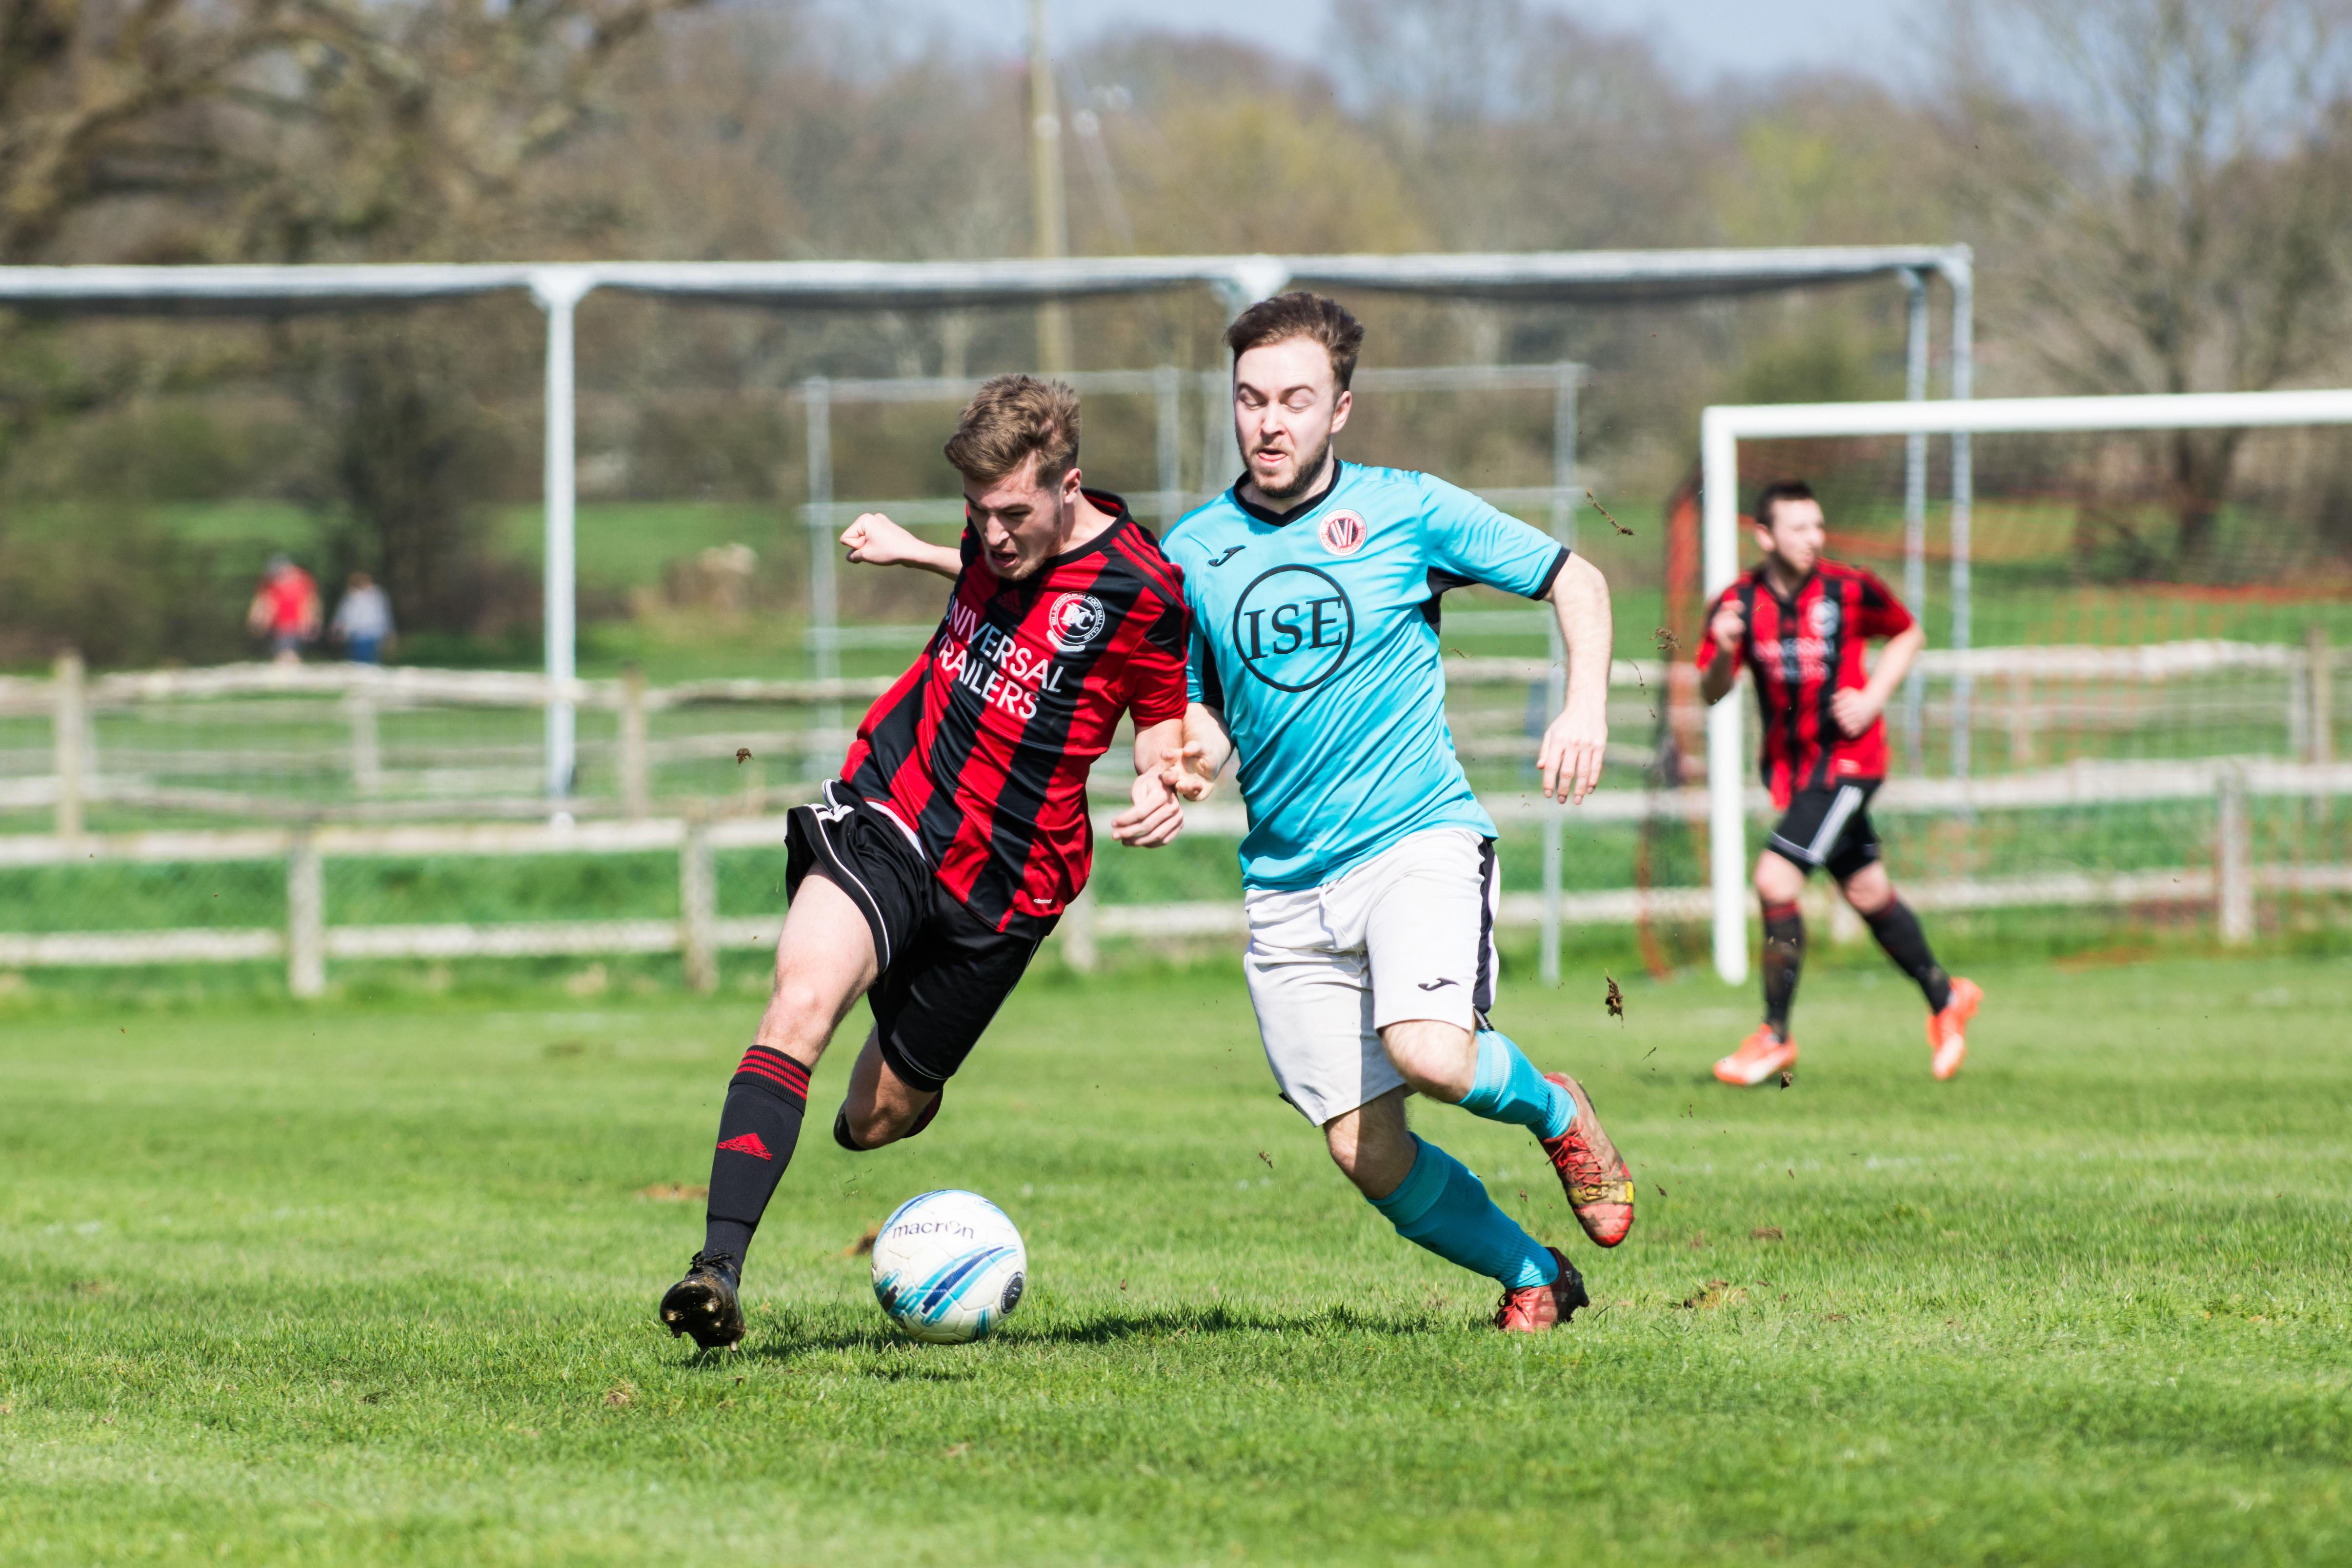 DAVID_JEFFERY Billingshurst FC vs AFC Varndeanians 14.04.18 34